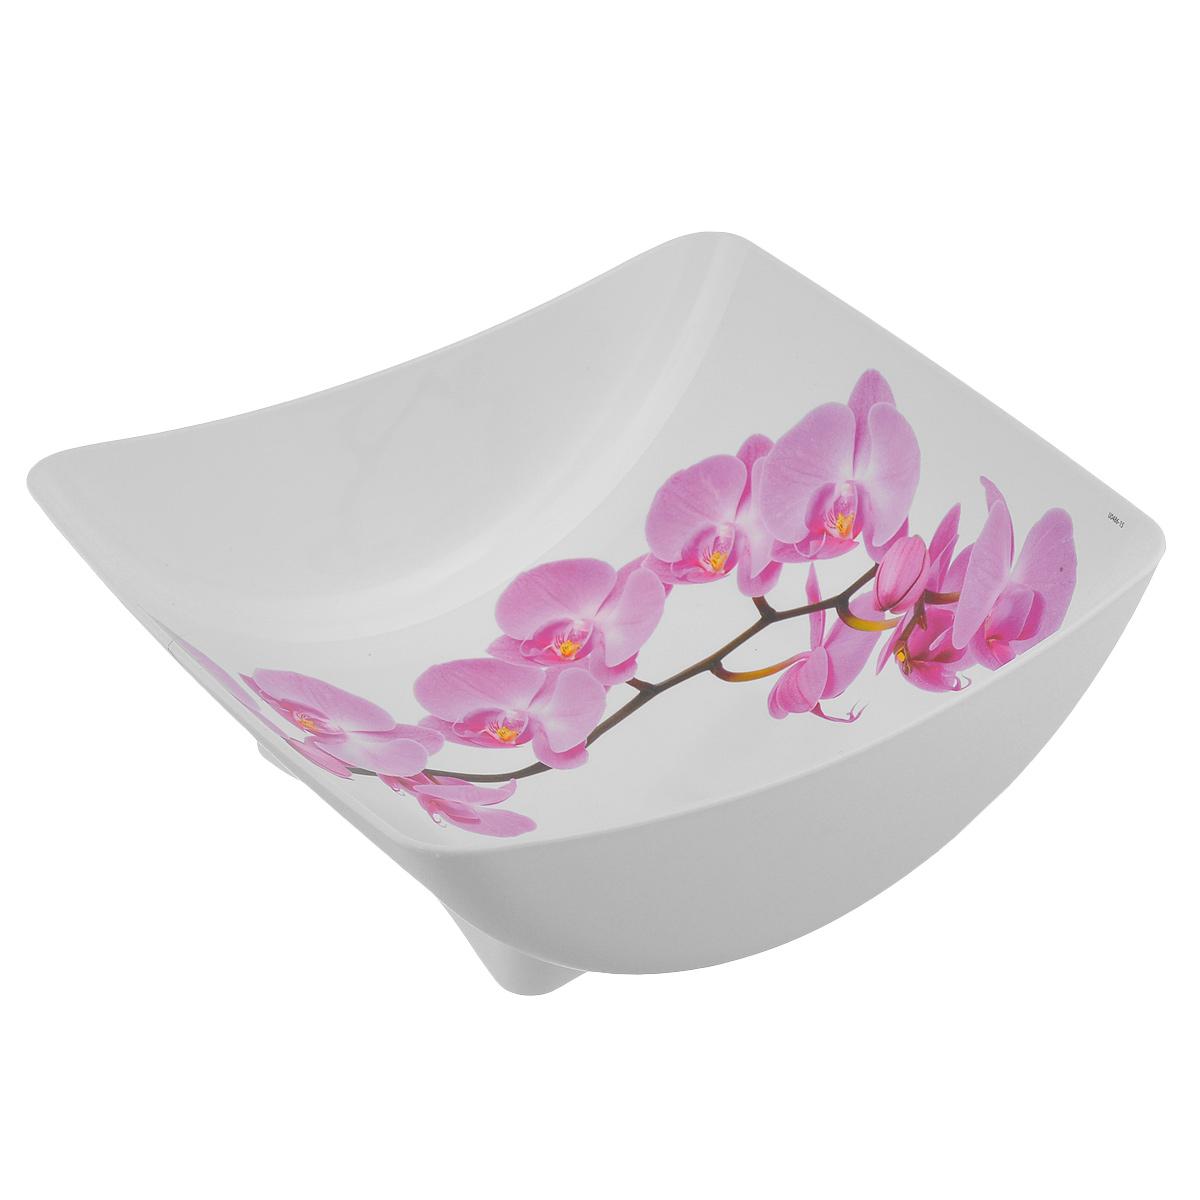 Салатник Idea Деко. Орхидея, квадратный, 2 лМ 1333Салатник Idea Орхидея изготовлен из высококачественного полипропилена и идеально подходит для сервировки стола. Такой салатник не только украсит ваш кухонный стол и подчеркнет прекрасный вкус хозяйки, но и станет отличным подарком. Можно мыть в посудомоечной машине. Размер салатника (по верхнему краю): 23,5 см х 21,5 см. Высота салатника: 8,5 см. Объем салатника: 2 л.